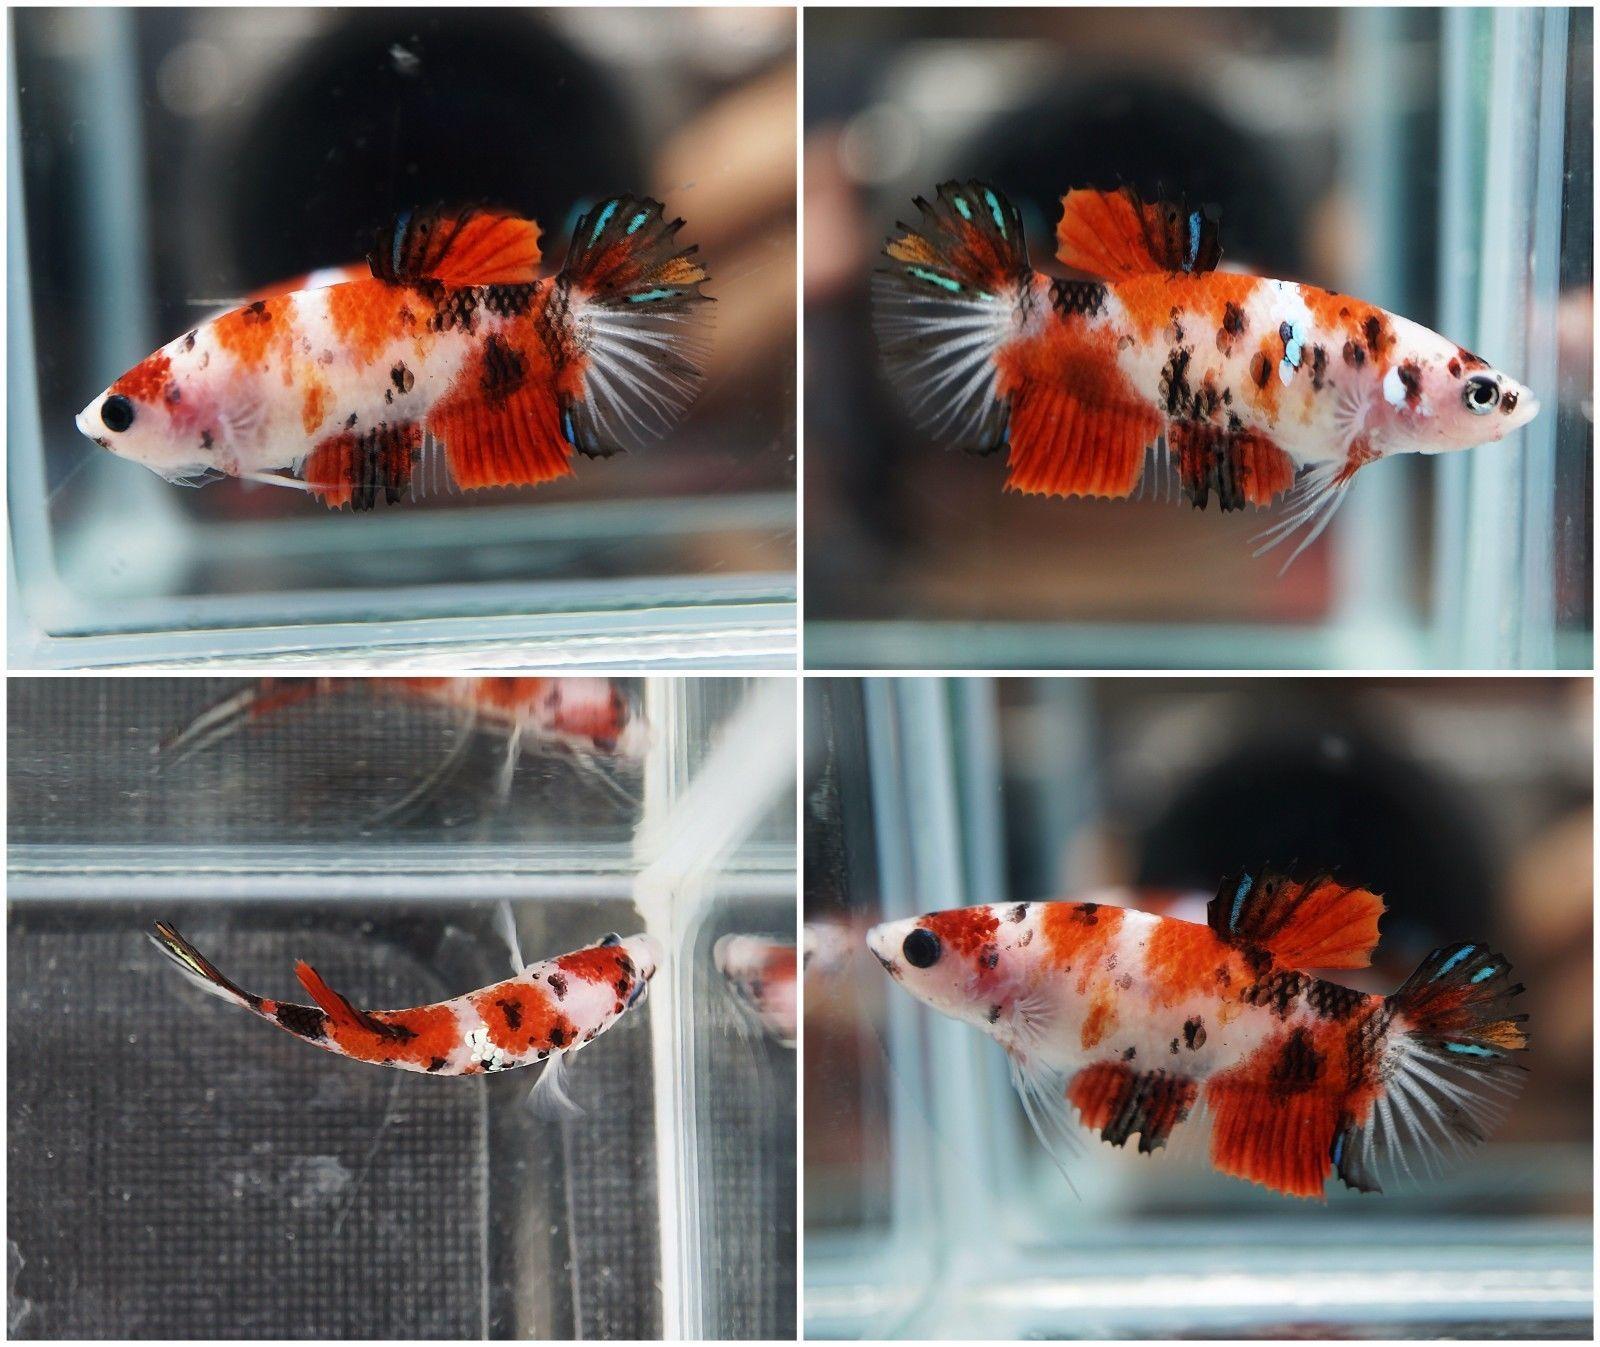 Live betta fish fancy tri color bluegalaxy tiger koi hmpk for Female koi fish